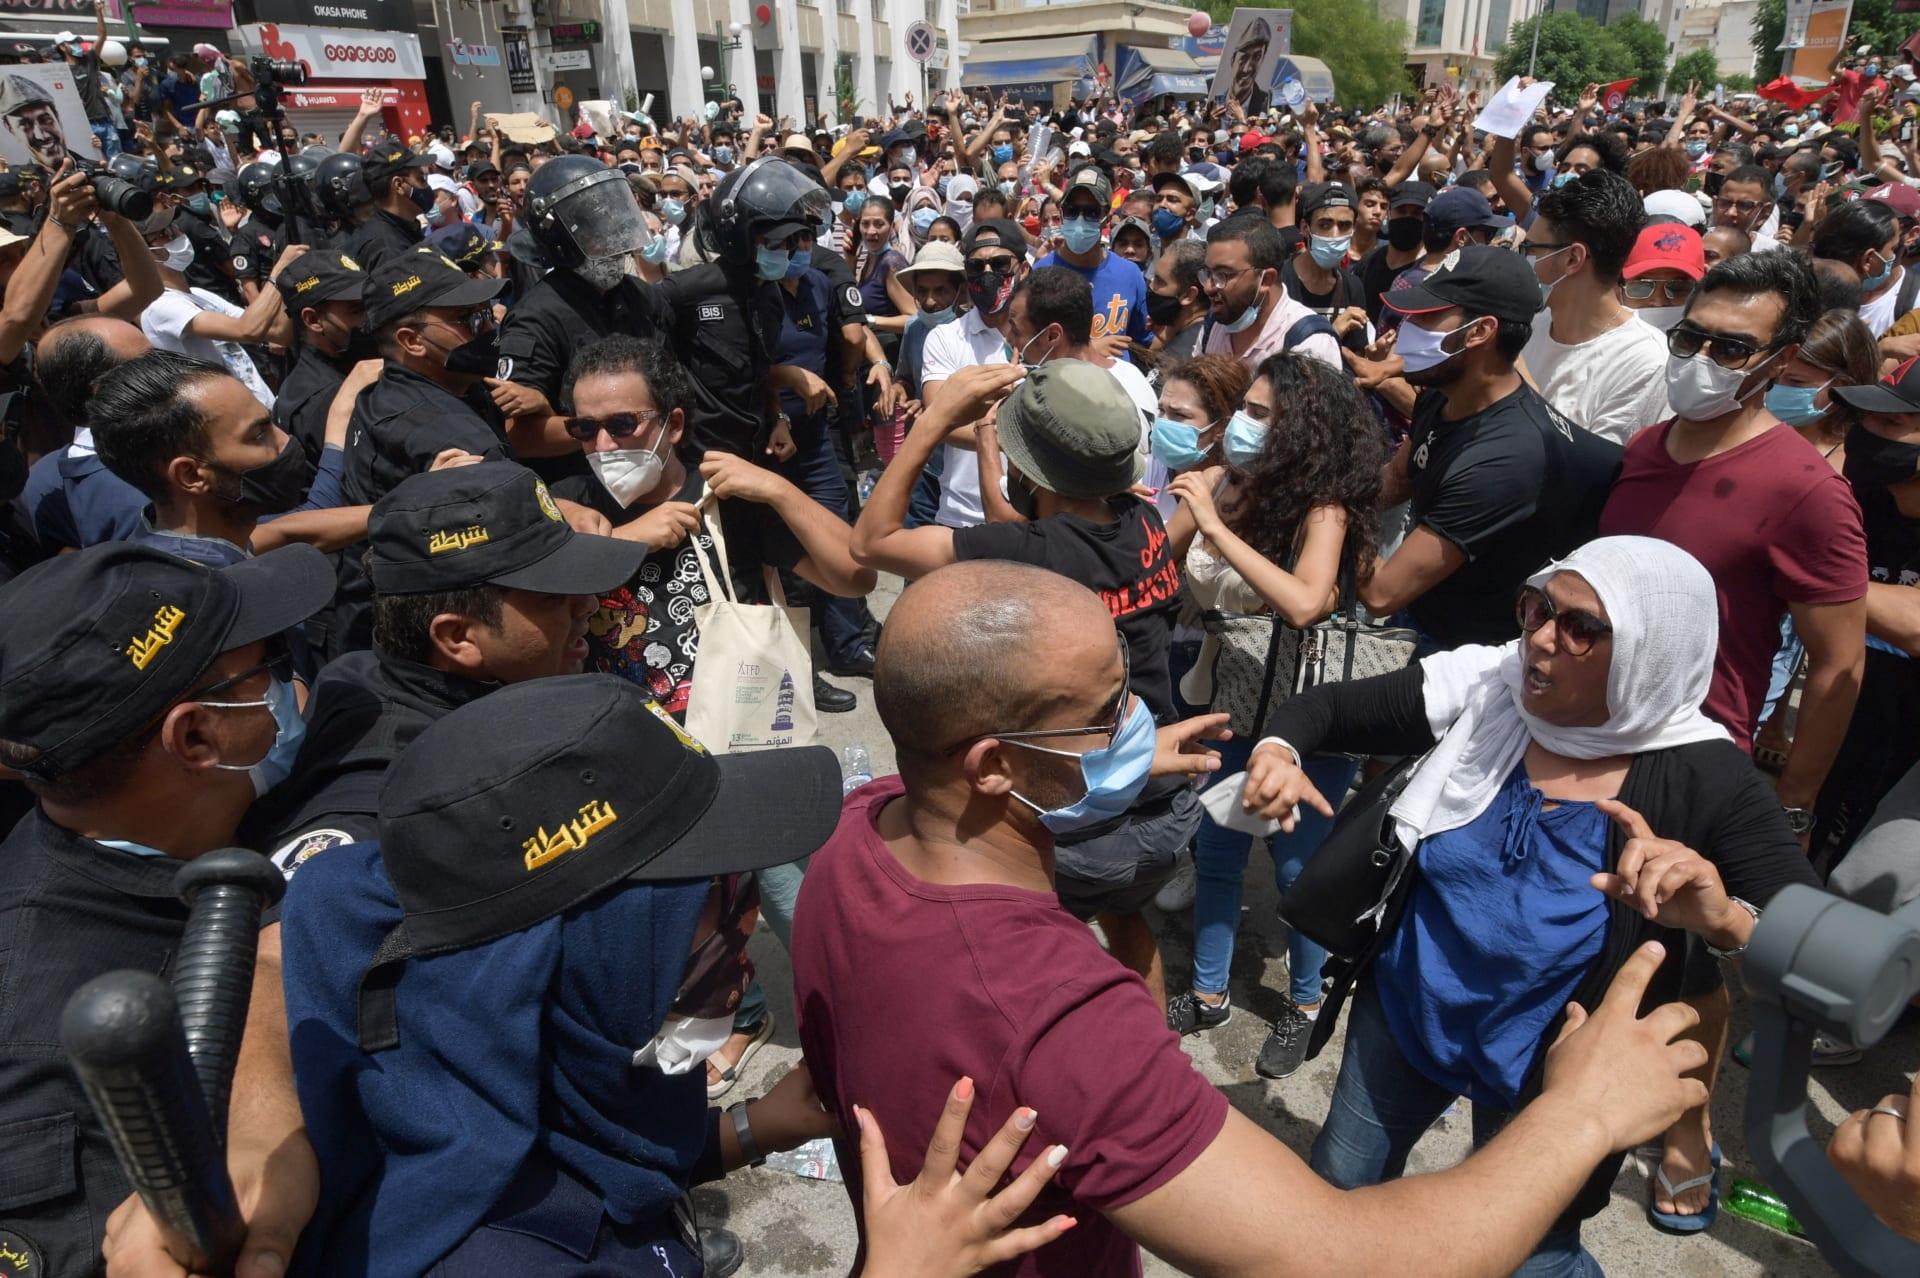 """مظاهرات ضد الحكومة والبرلمان في تونس.. وحركة النهضة عن مهاجمة مقارها: """"لخدمة أجندات"""""""